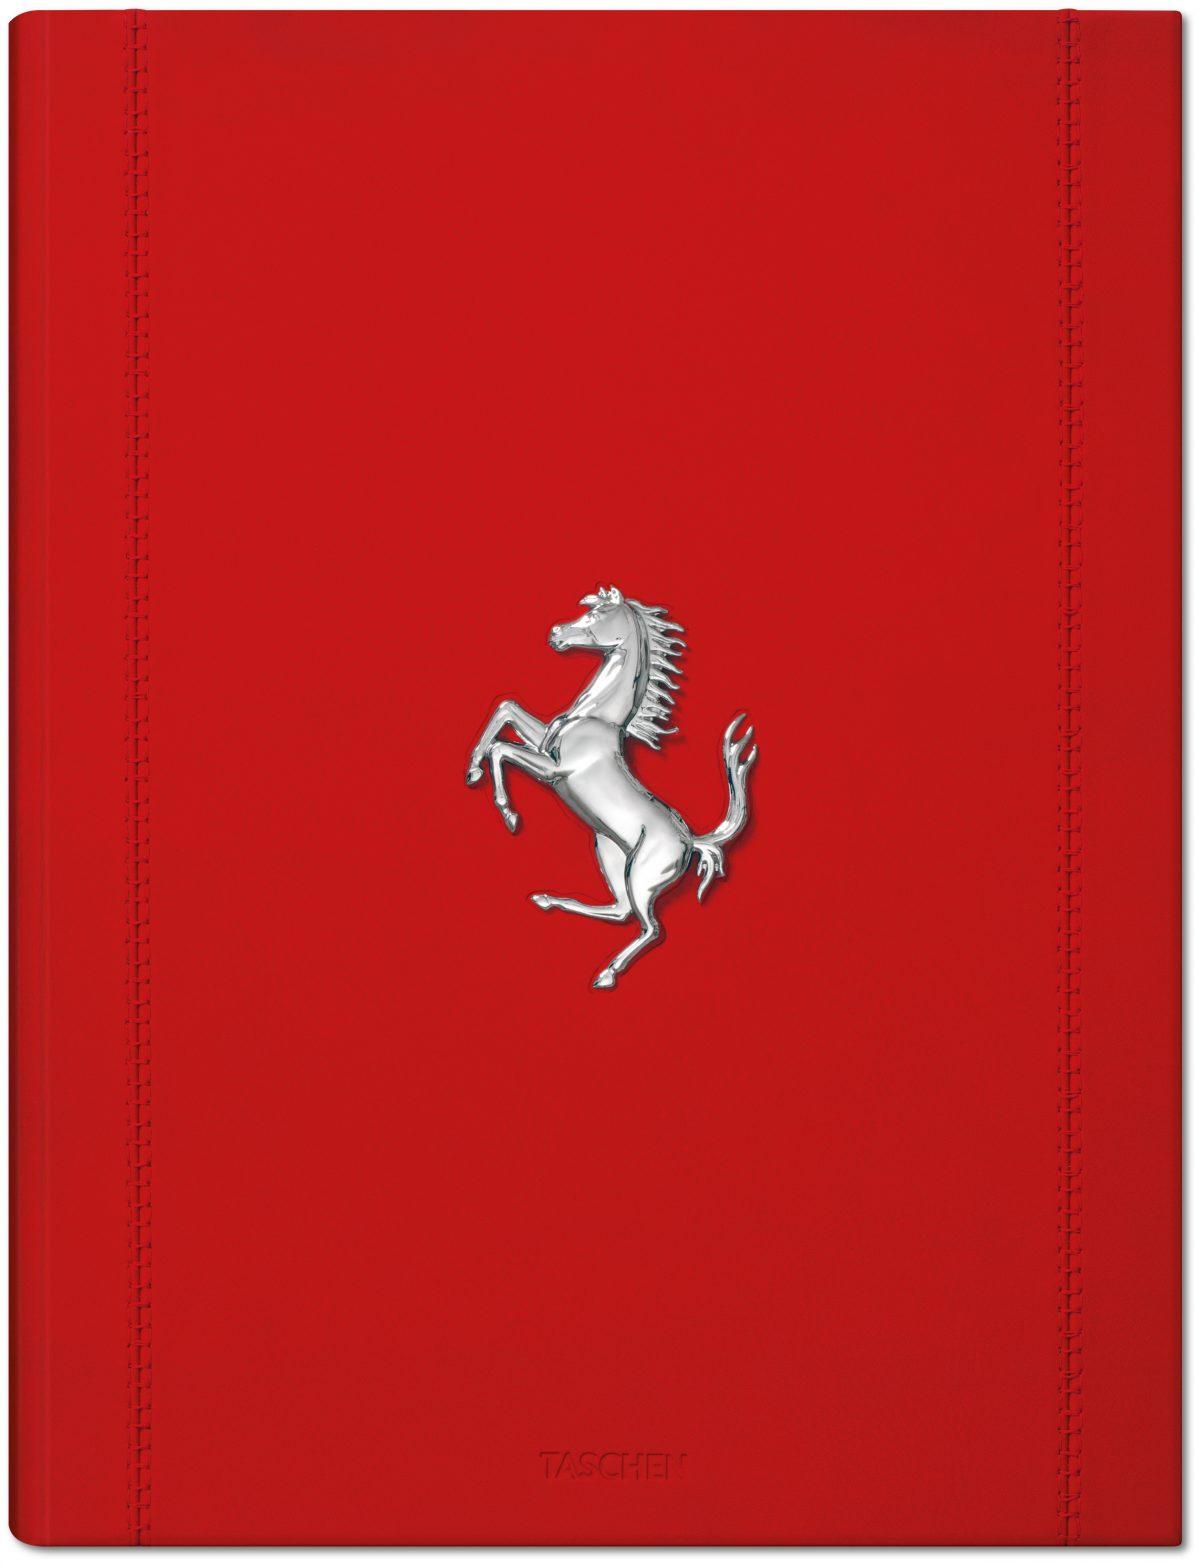 Ferrari with prancing horse motif